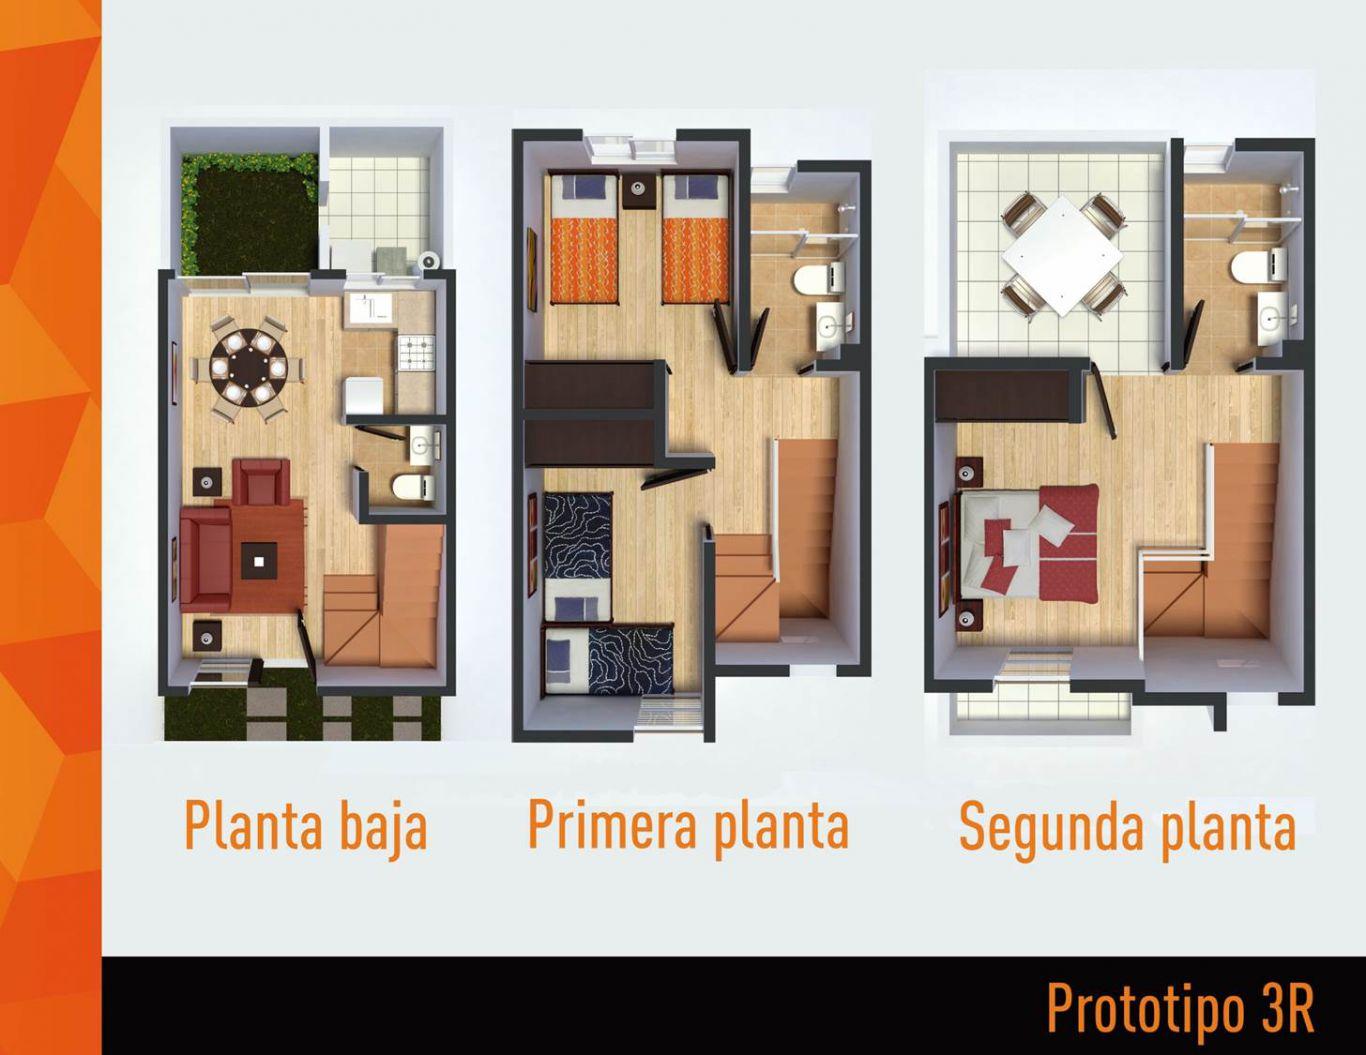 Villas terra , id 1521779, no 1, plano de prototipo 3r, 399